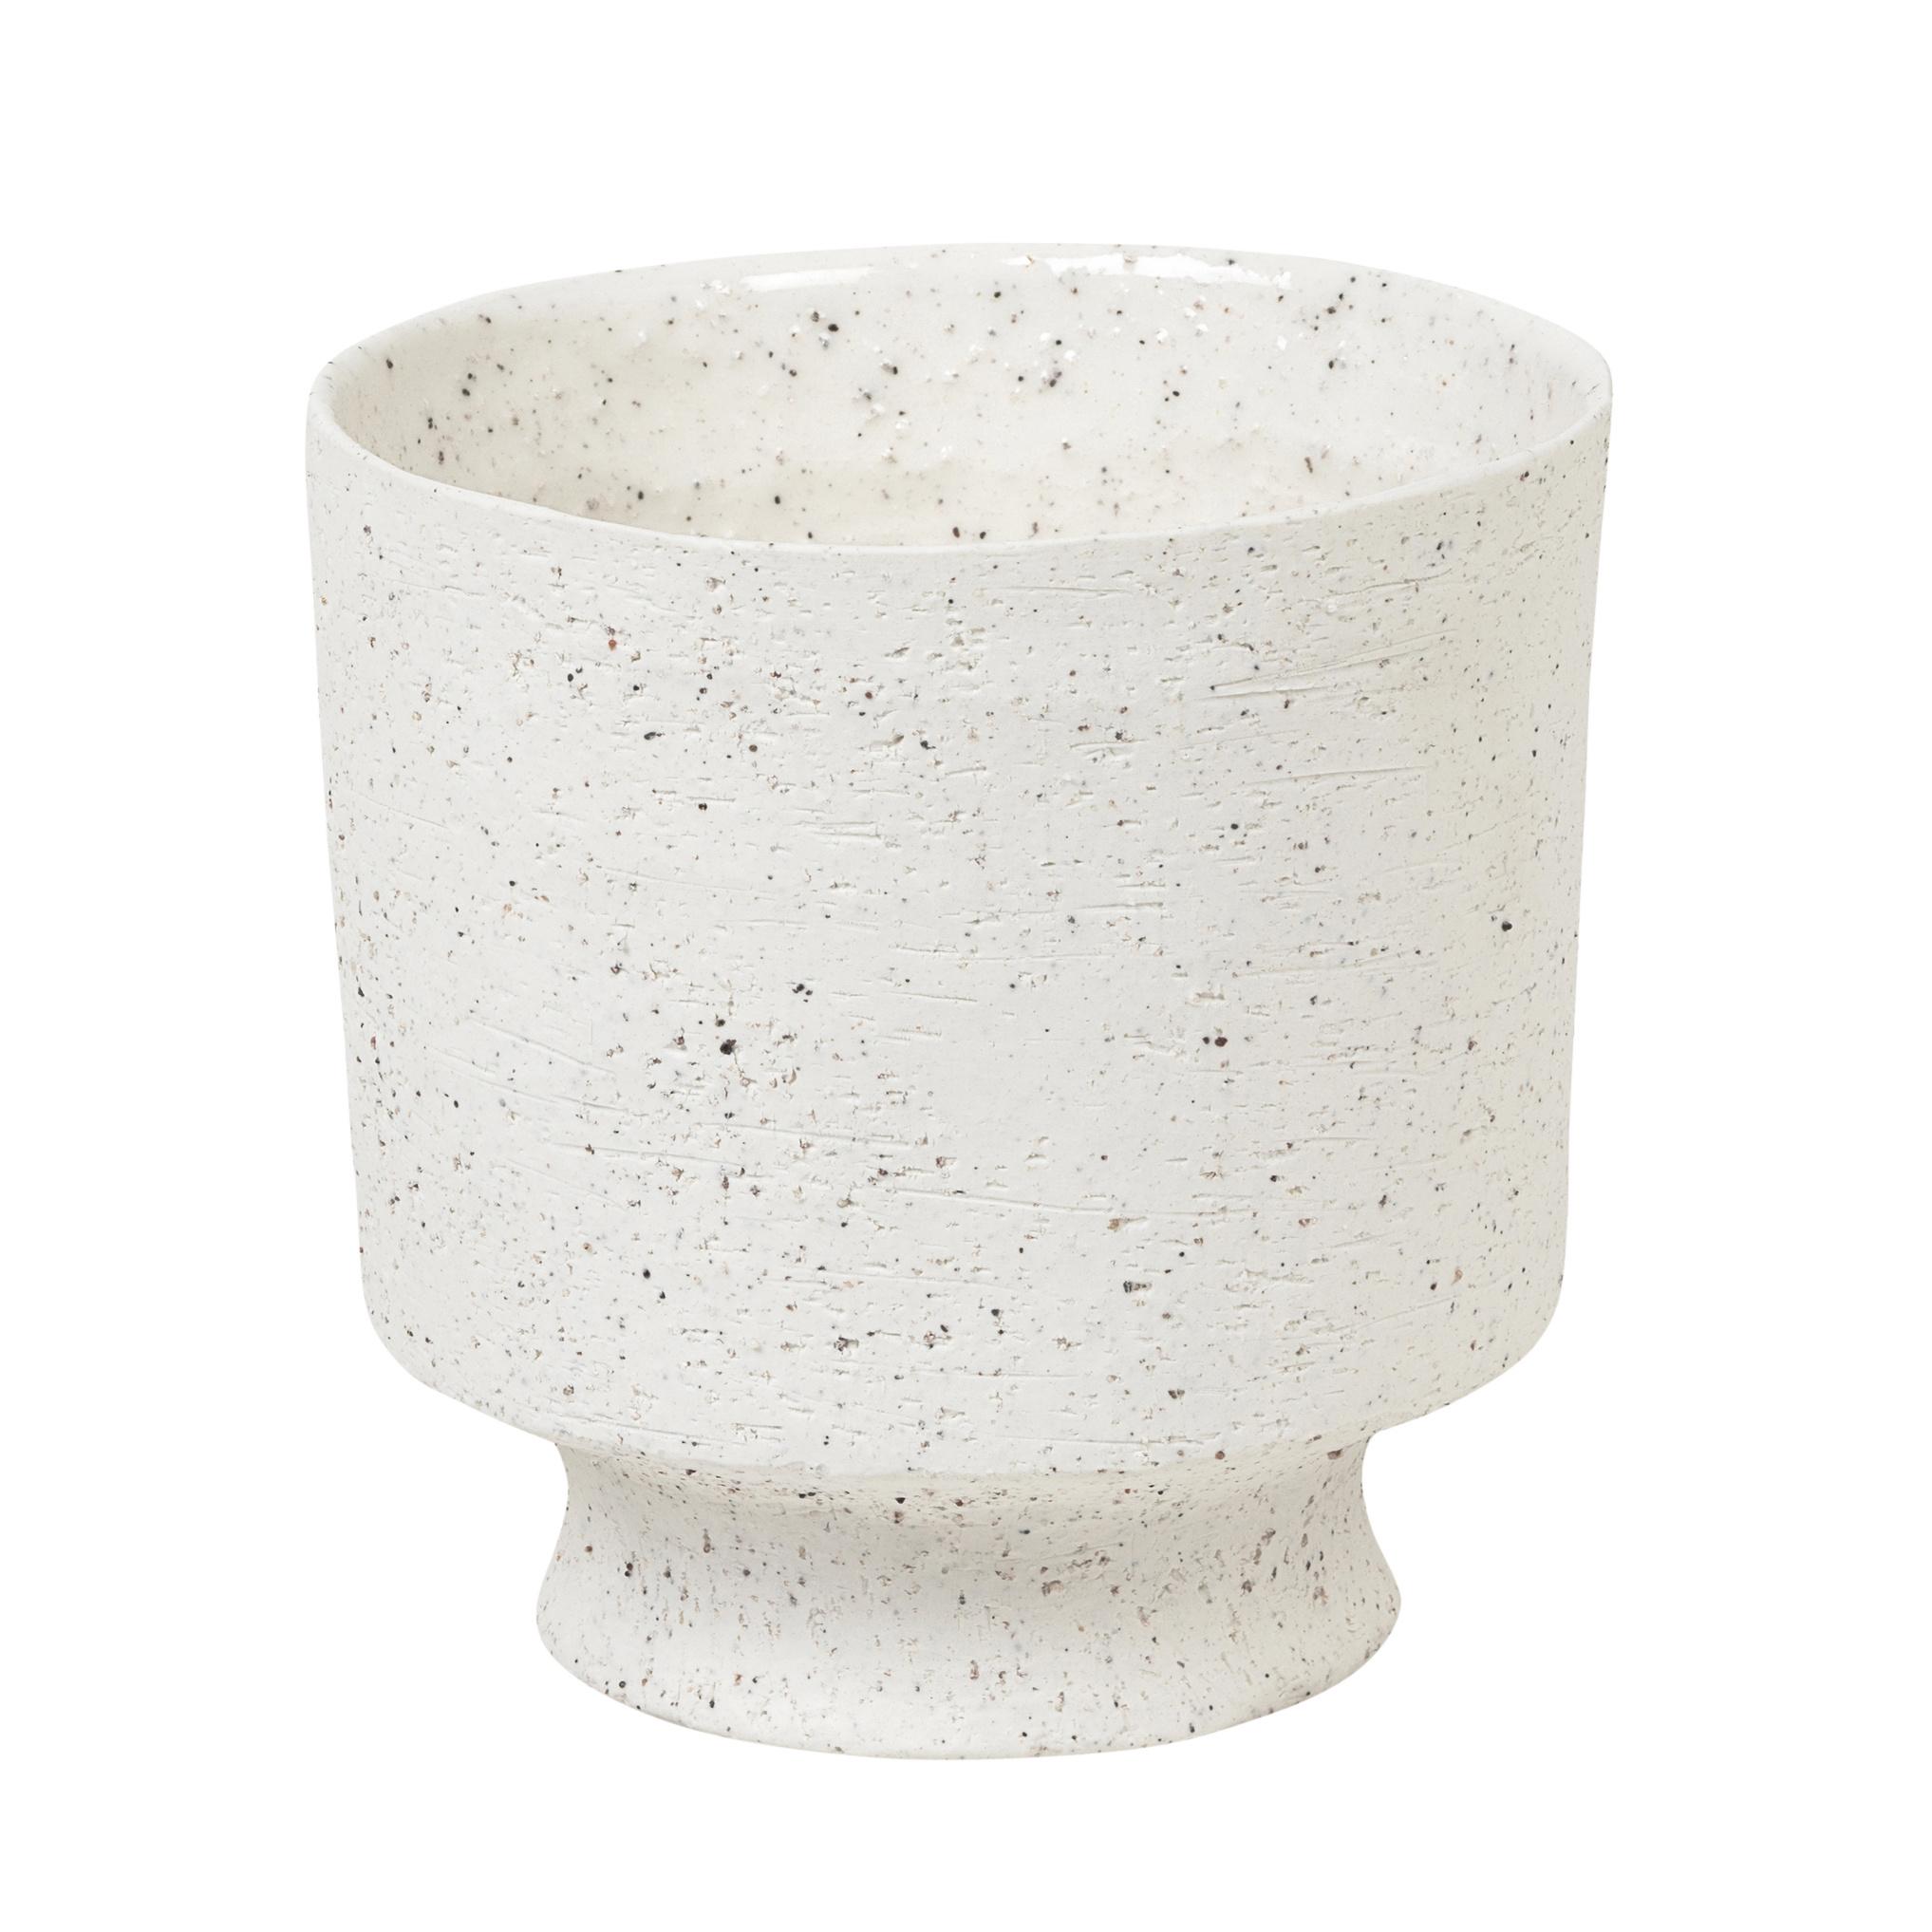 Danish design planter in matte white